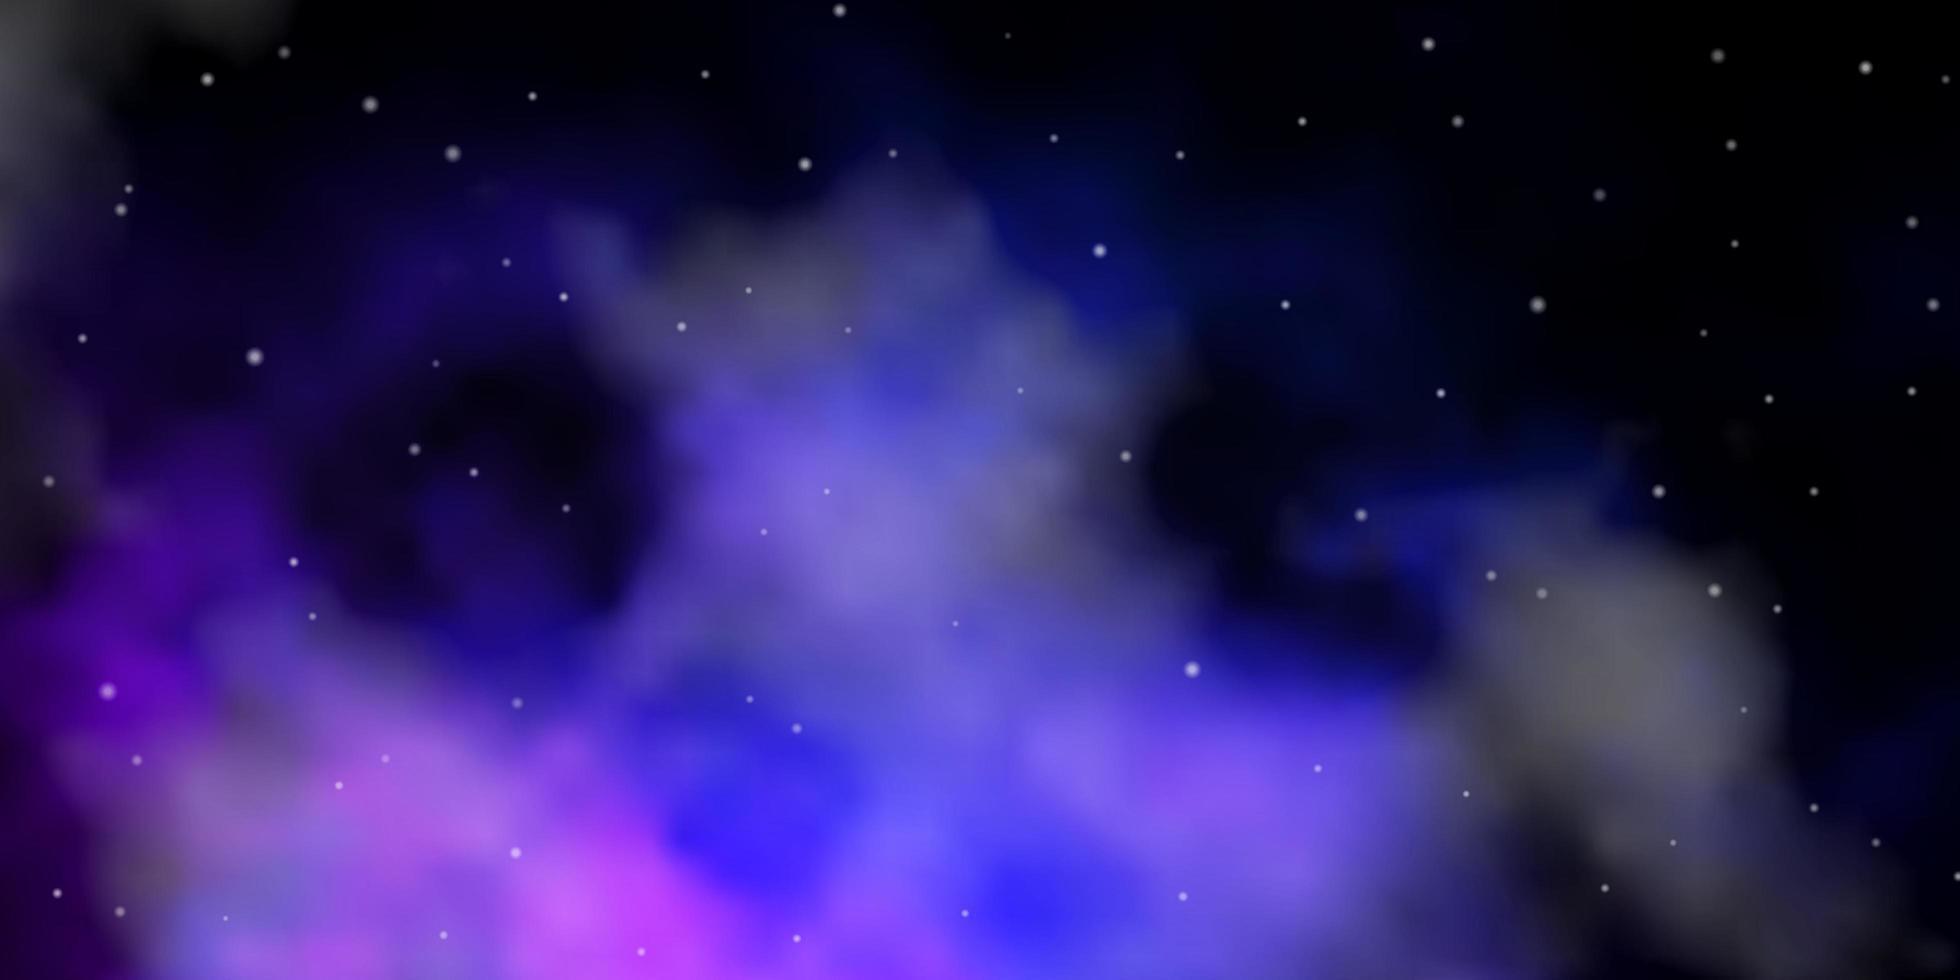 donkerroze, blauwe vectorlay-out met heldere sterren. vector